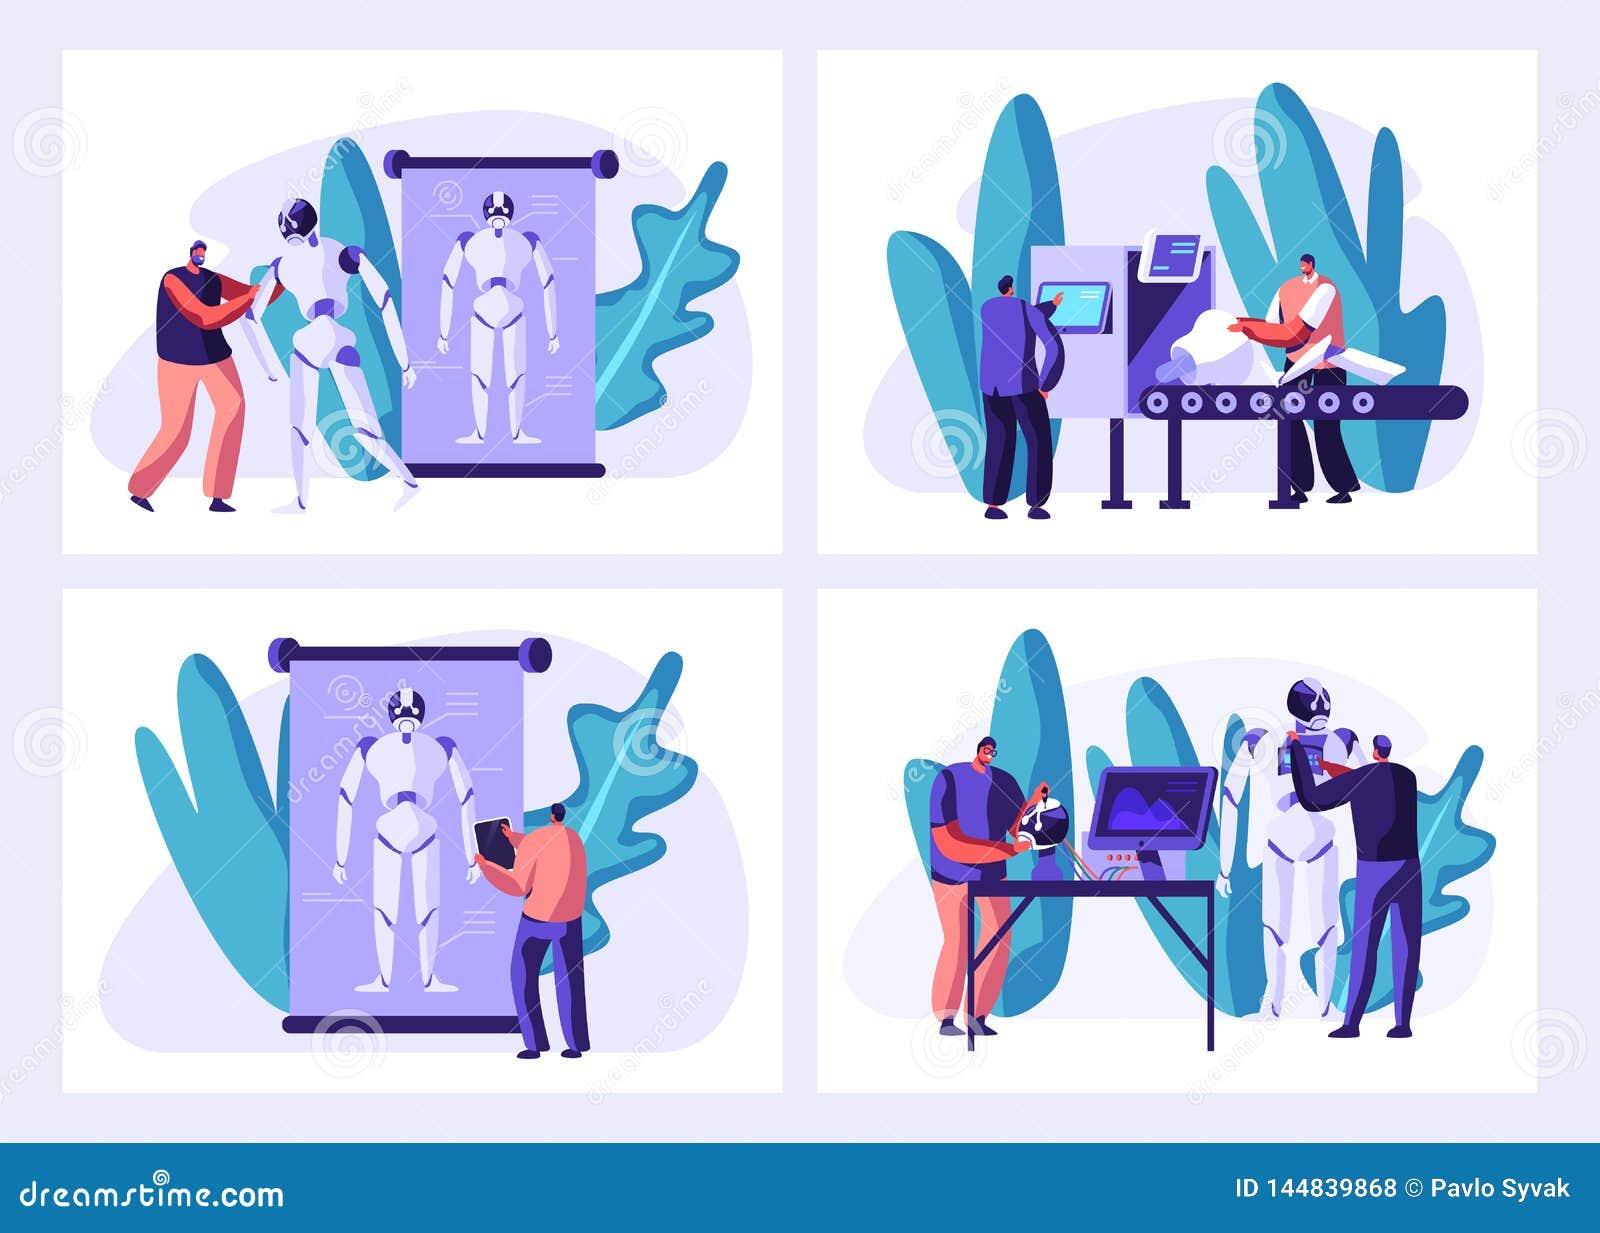 科学家在实验室集合创造靠机械装置维持生命的人 创造阶段过程的机器人 做硬件和软件,机器人学工程师